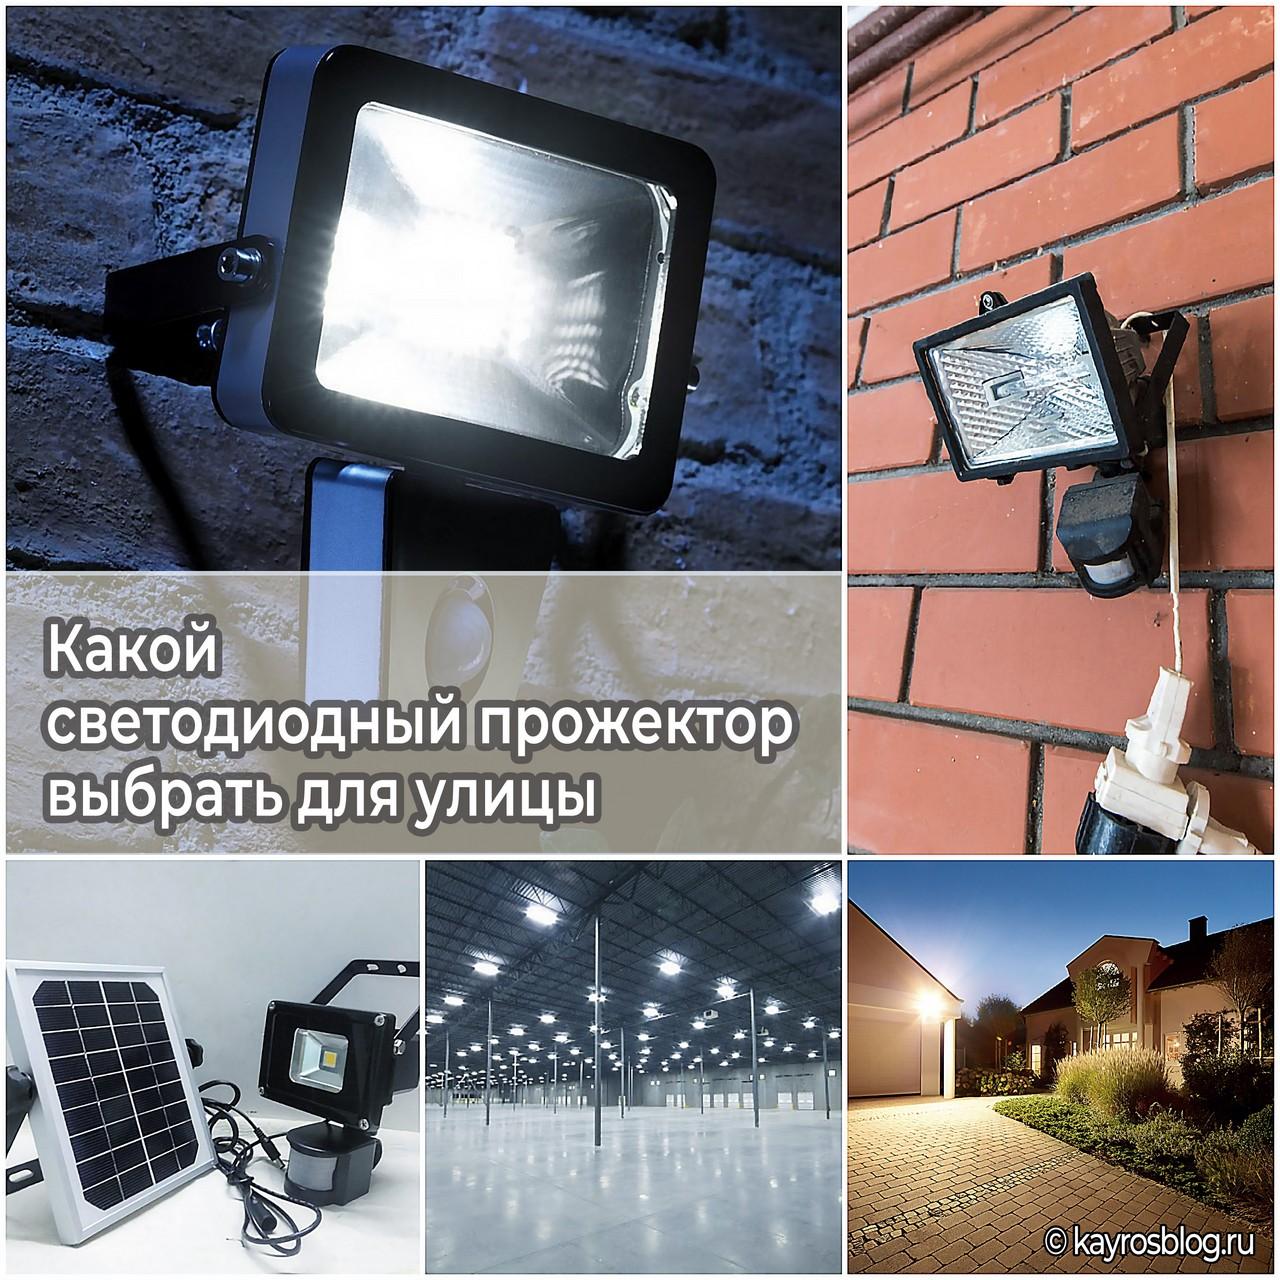 Какой светодиодный прожектор выбрать для улицы